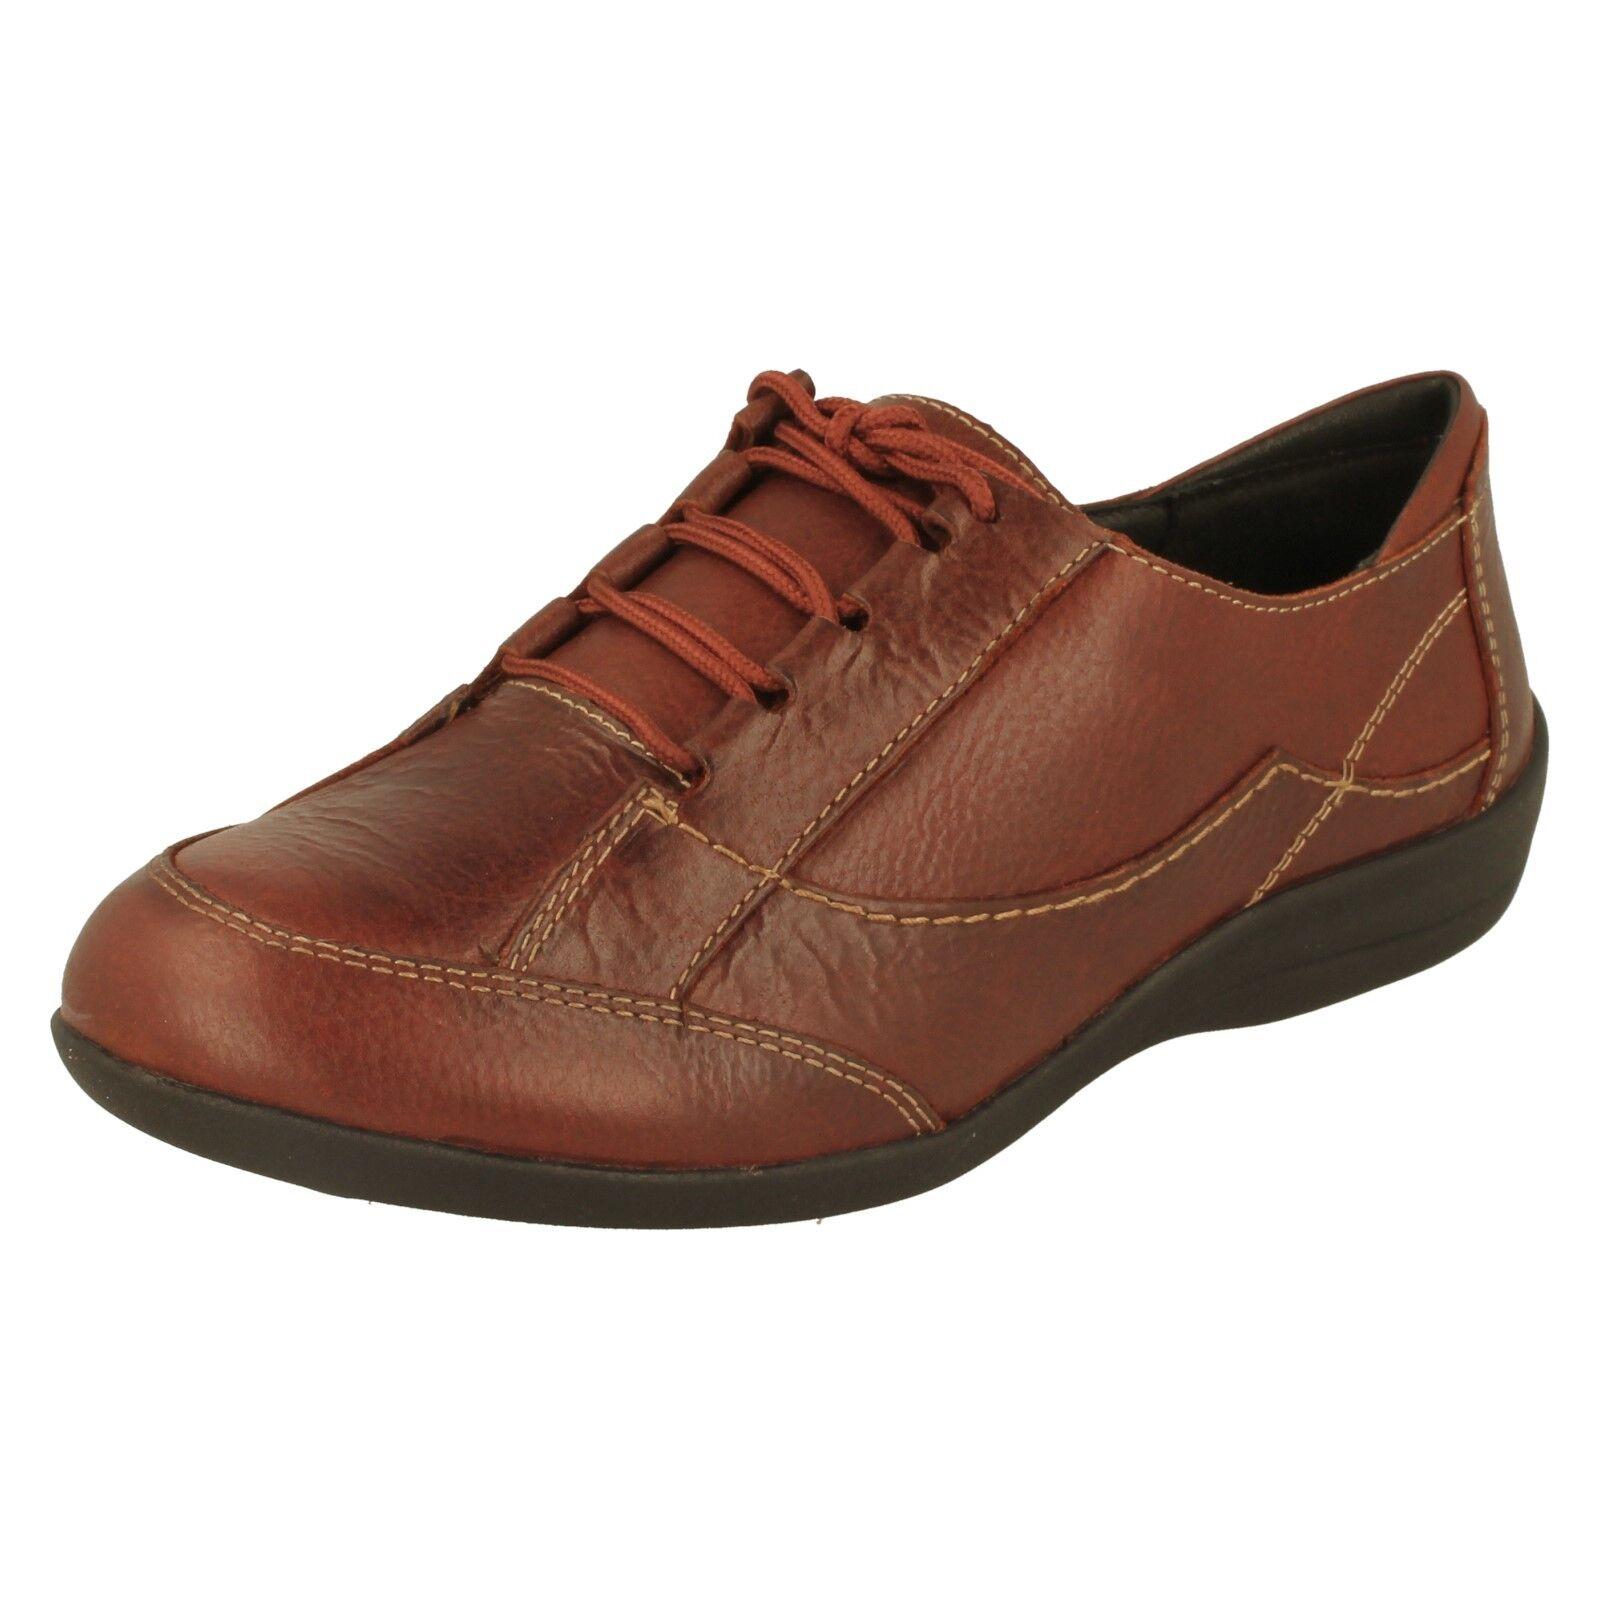 Descuento de la marca Descuento por tiempo limitado Ladies Extra Wide Fitting Casual Shoes - Glade